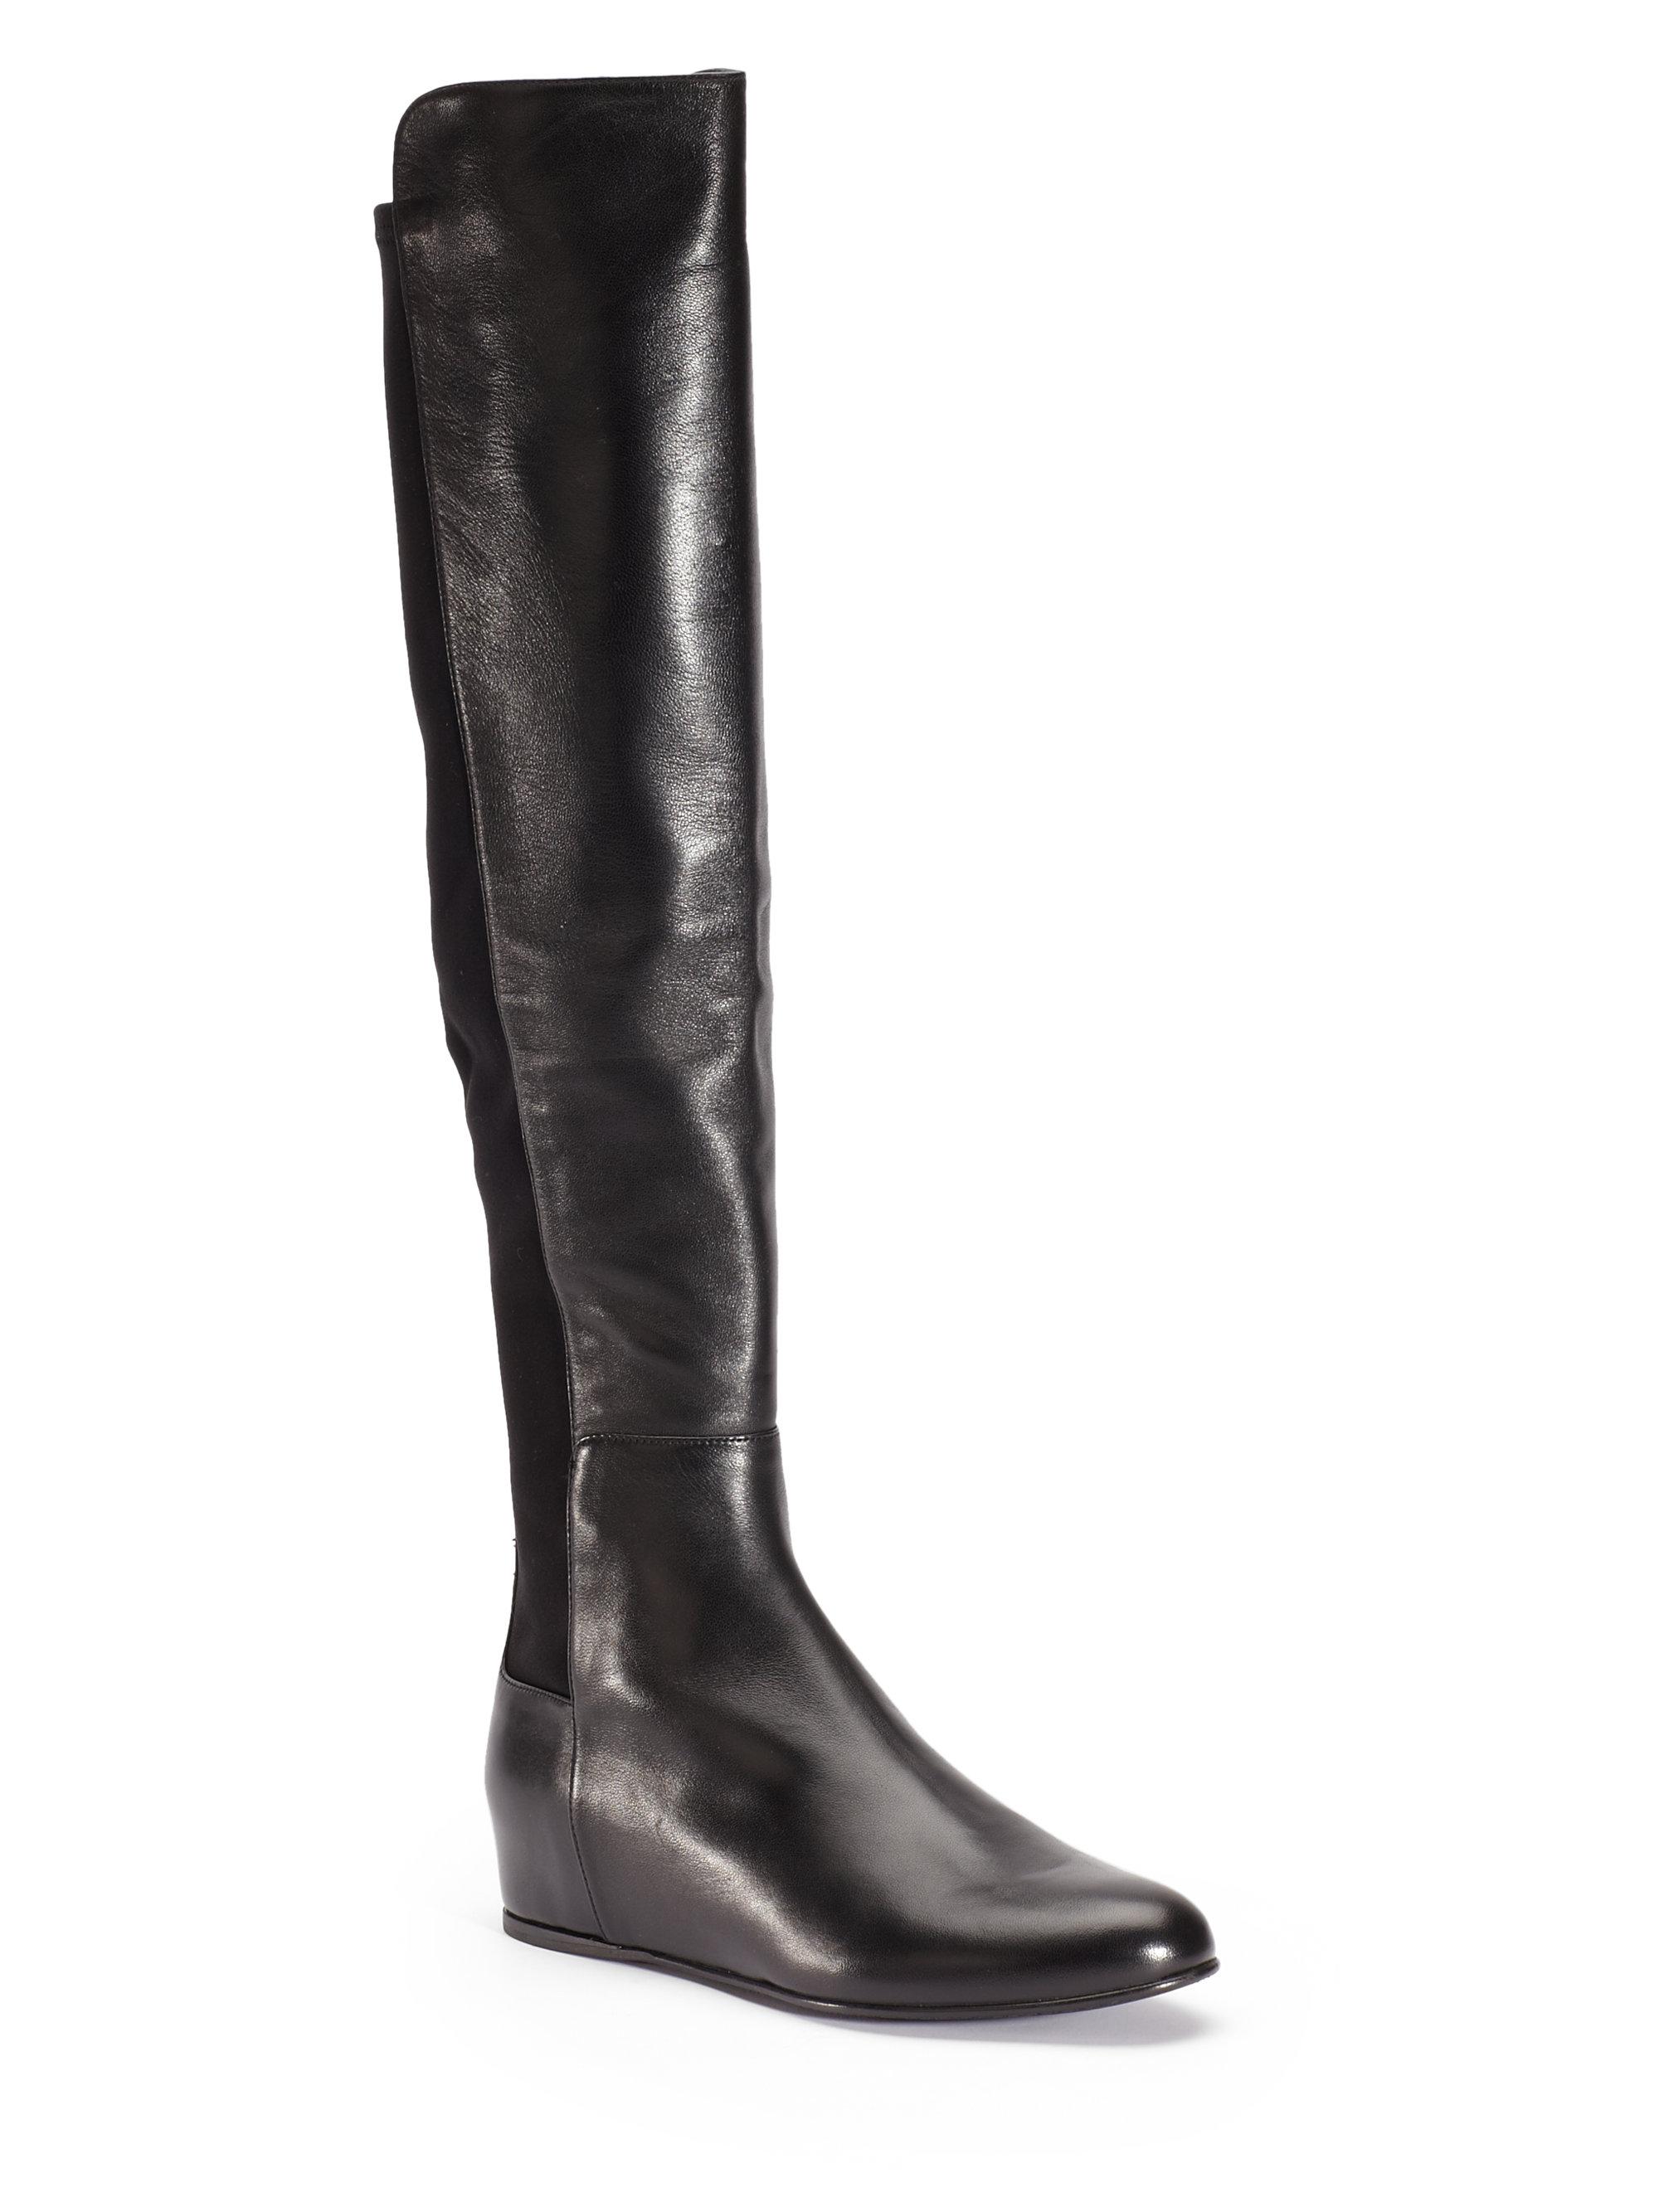 stuart weitzman mainline nappa overtheknee wedge boots in